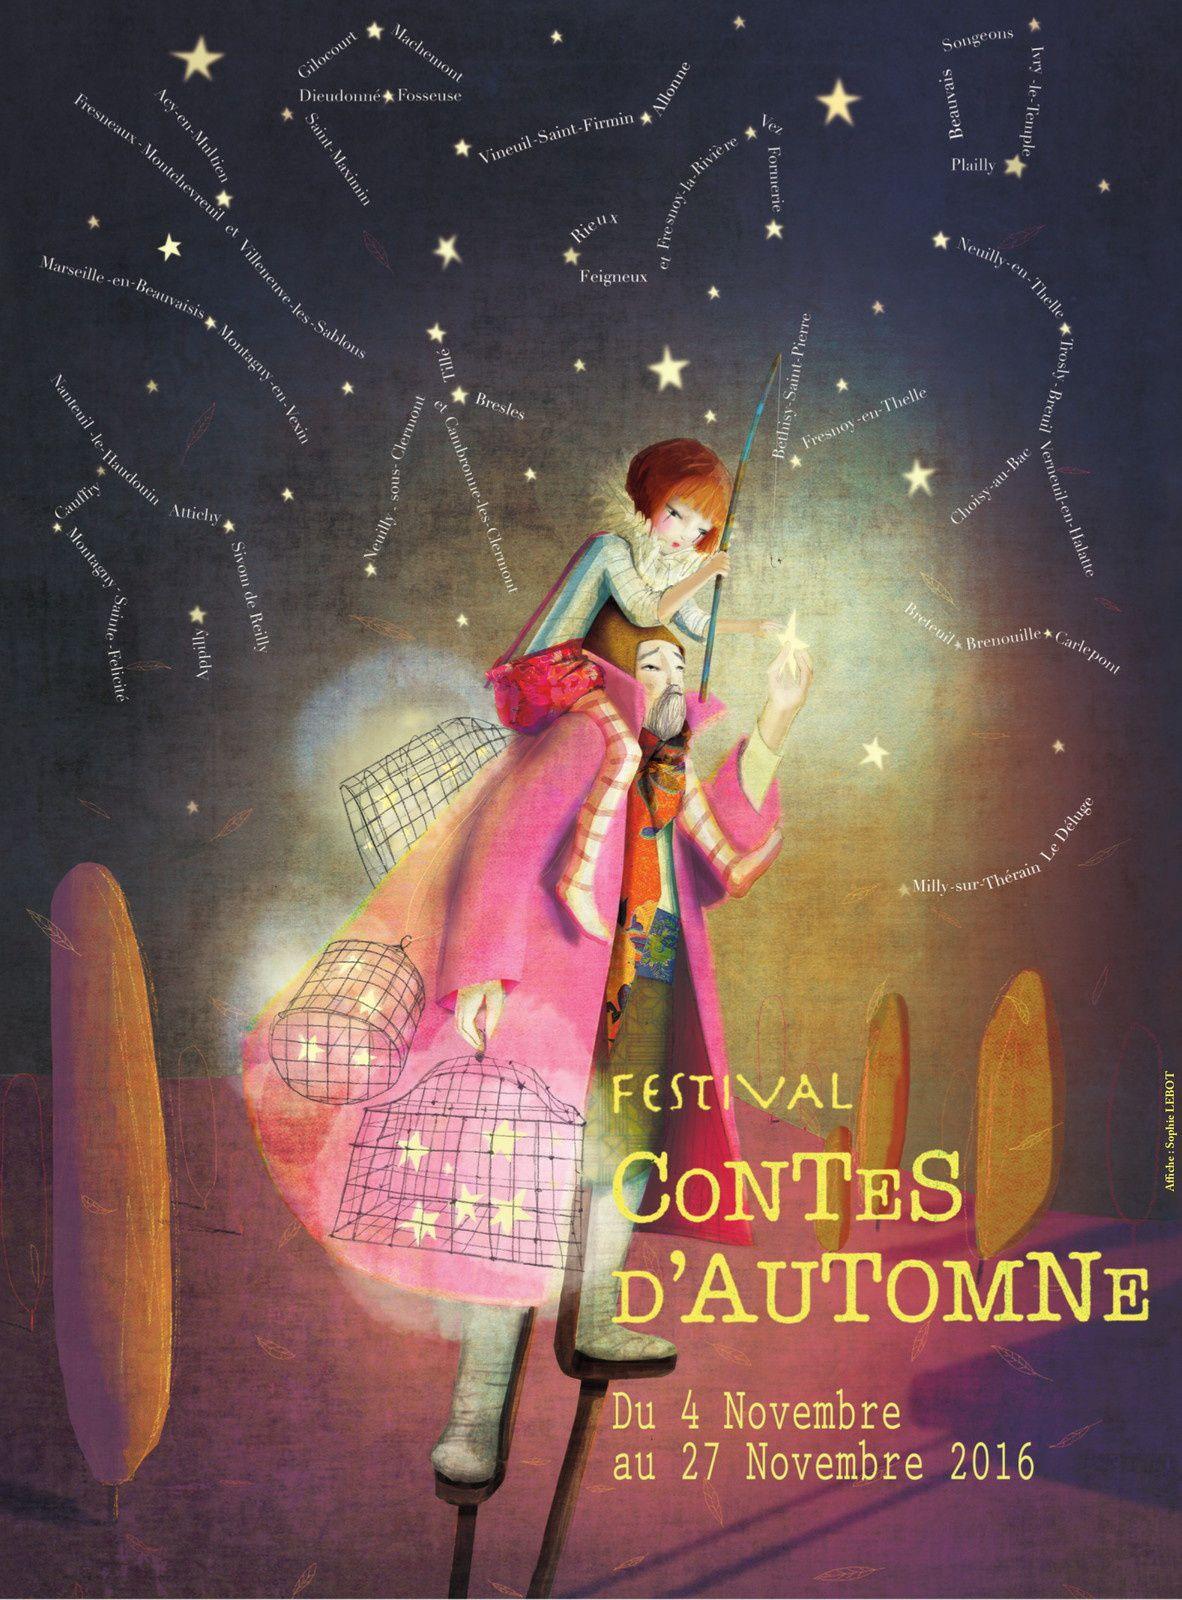 Festival des Contes d'Automne!